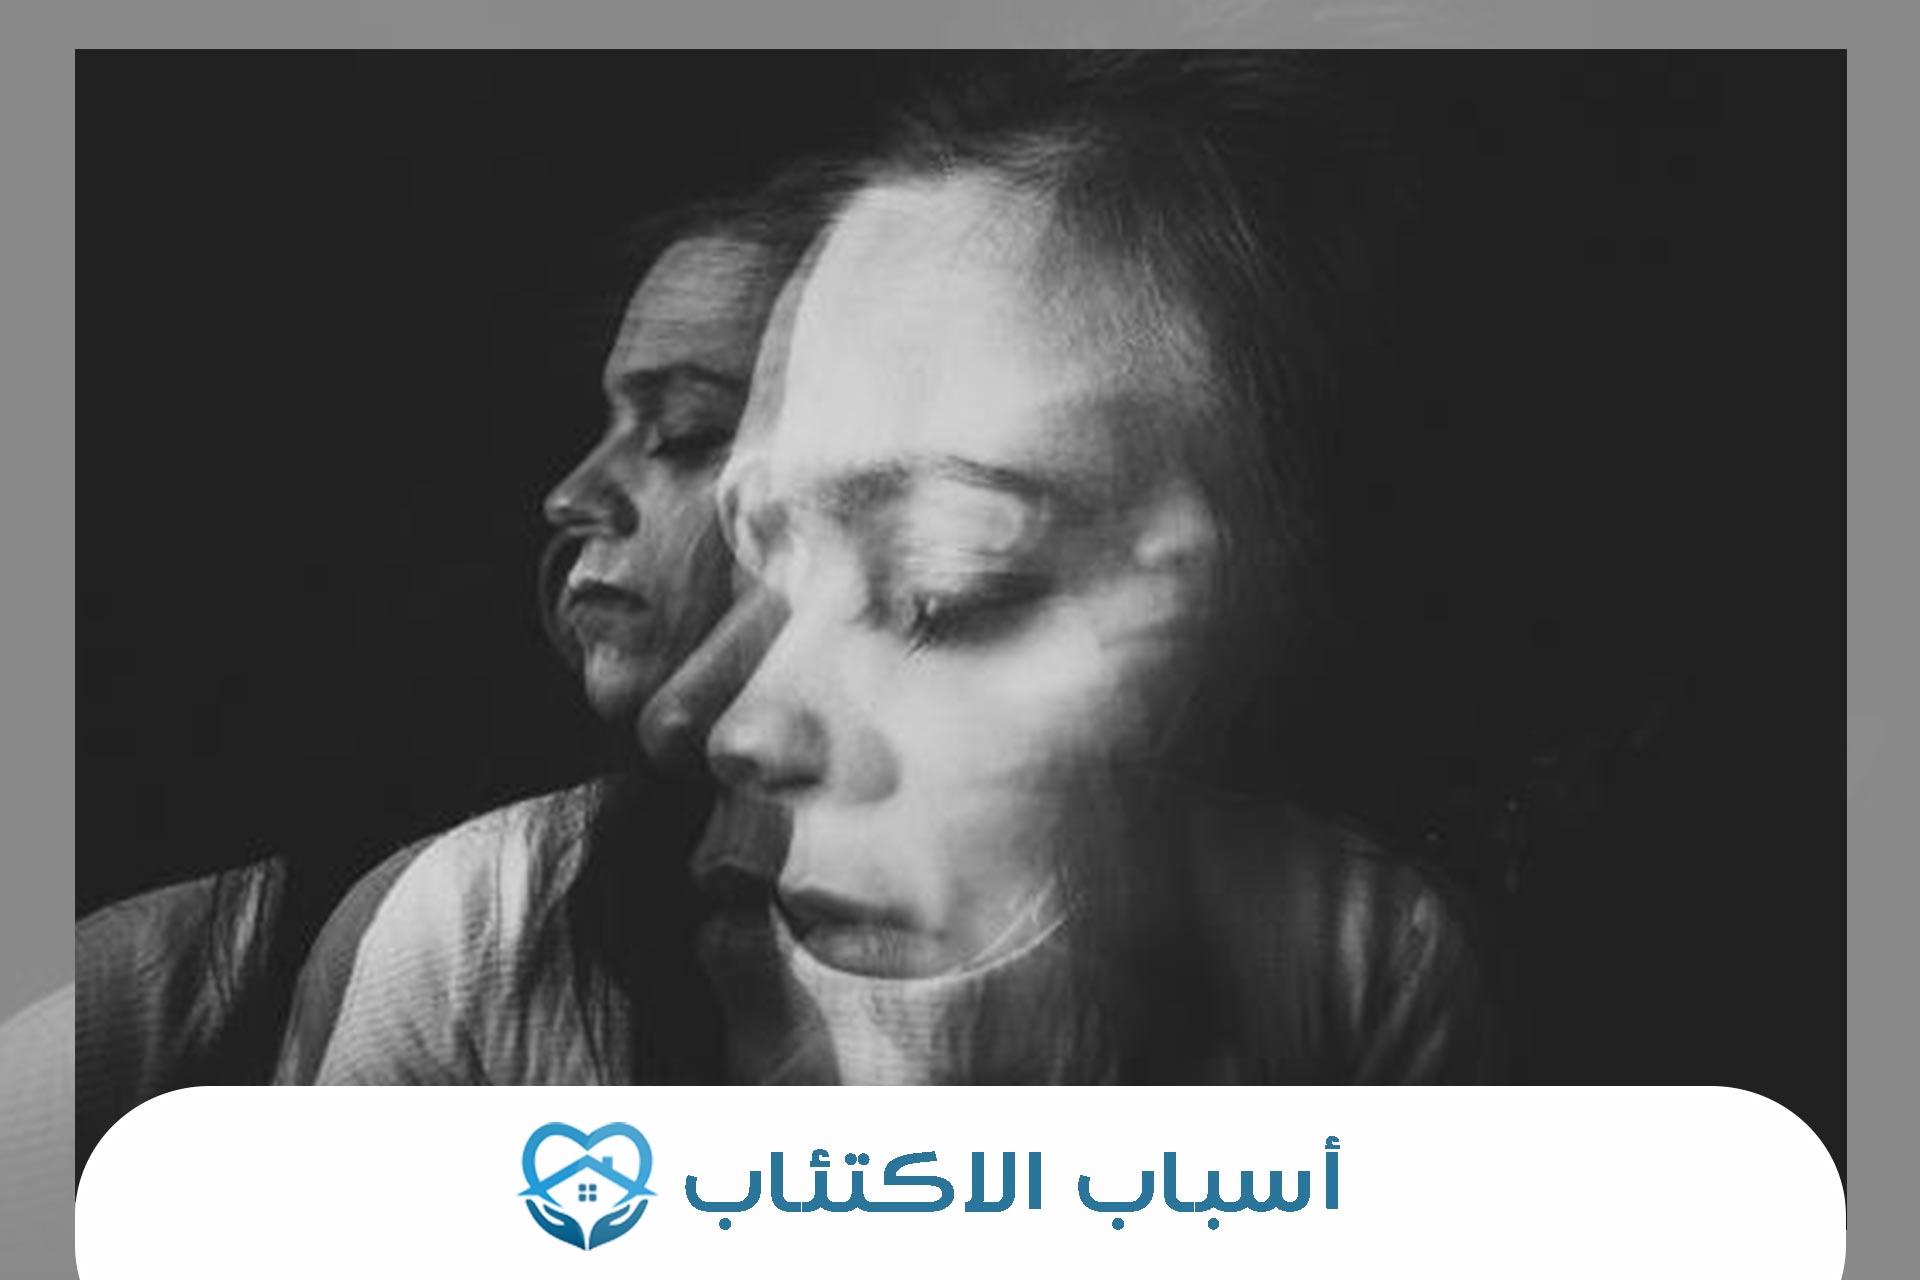 ما هي أسباب الاكتئاب وكيف يمكن الوقاية منها مستشفى التعافي